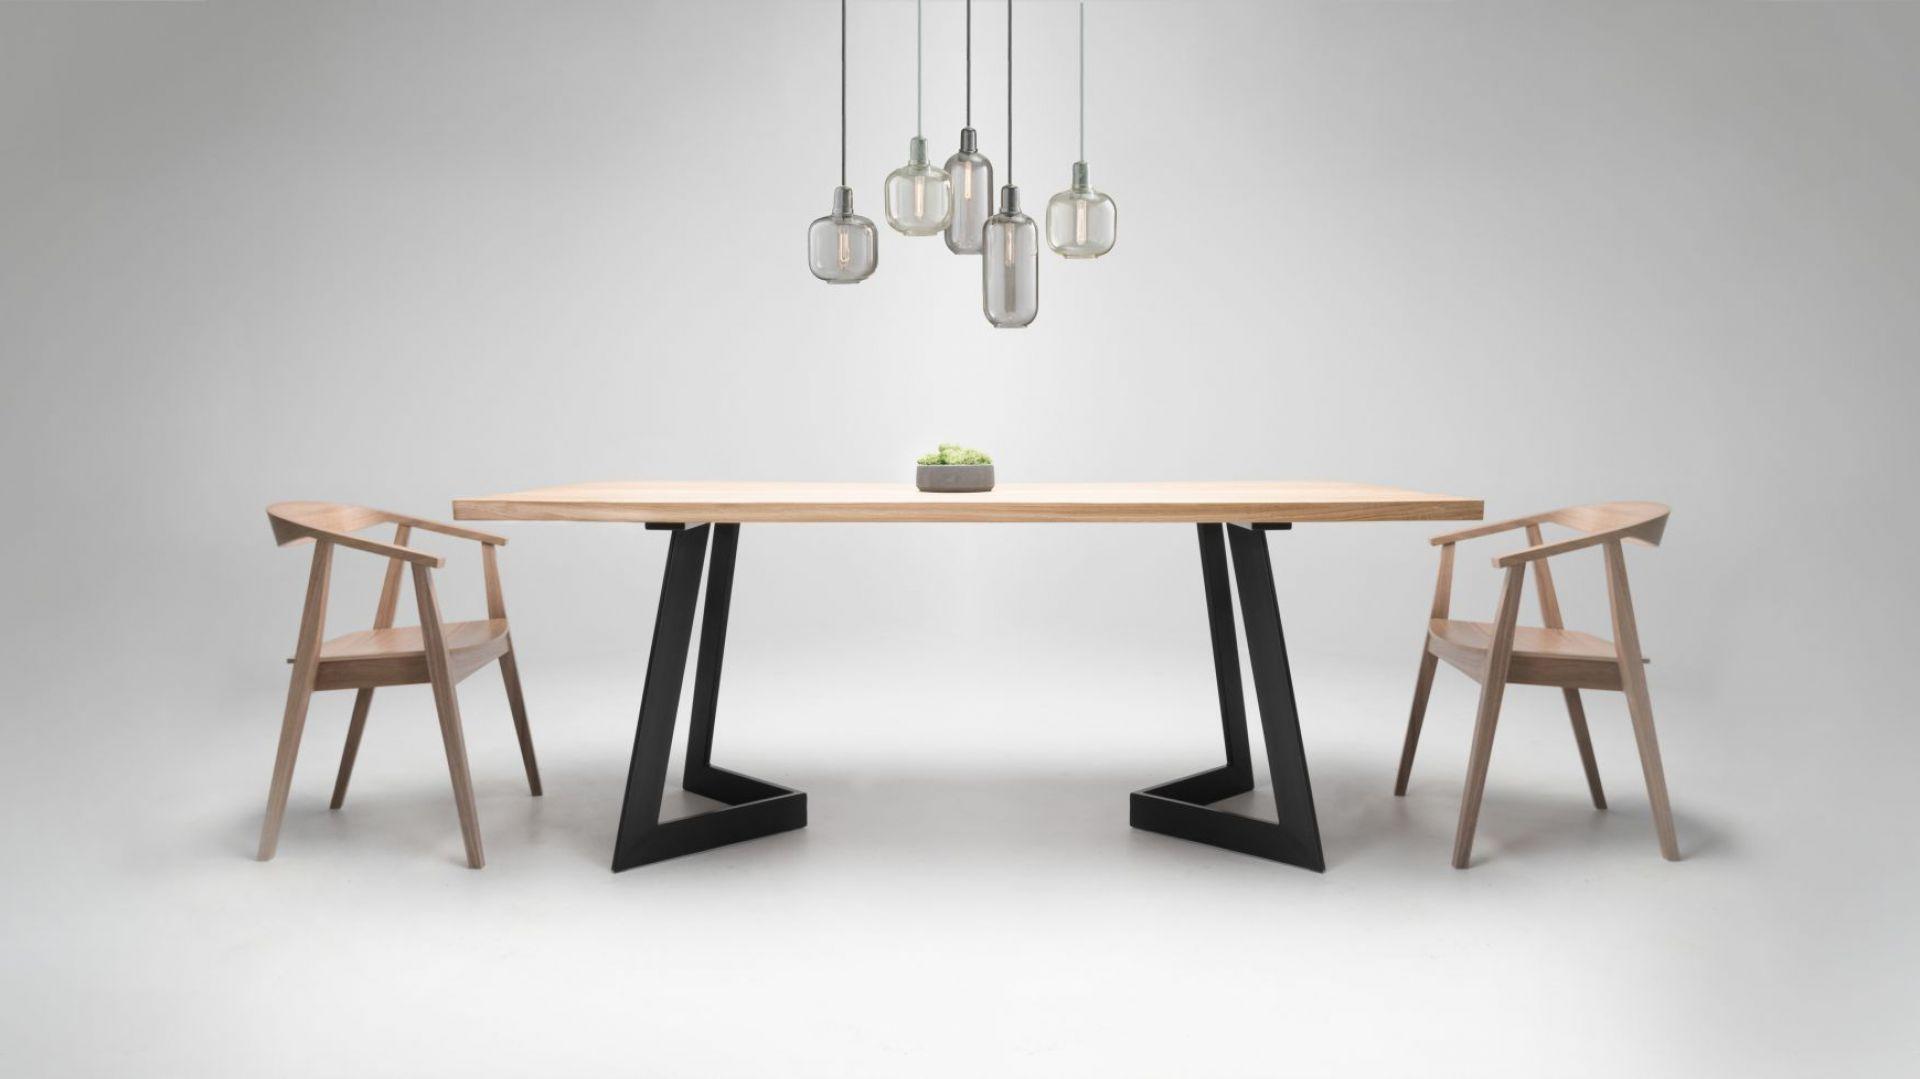 Dominujące materiały używane w stylu industrialnym pasują do wielu wnętrz, gdyż są naturalne, pierwotne. Metal i drewno. Fot. Custom Shop/Good Inside